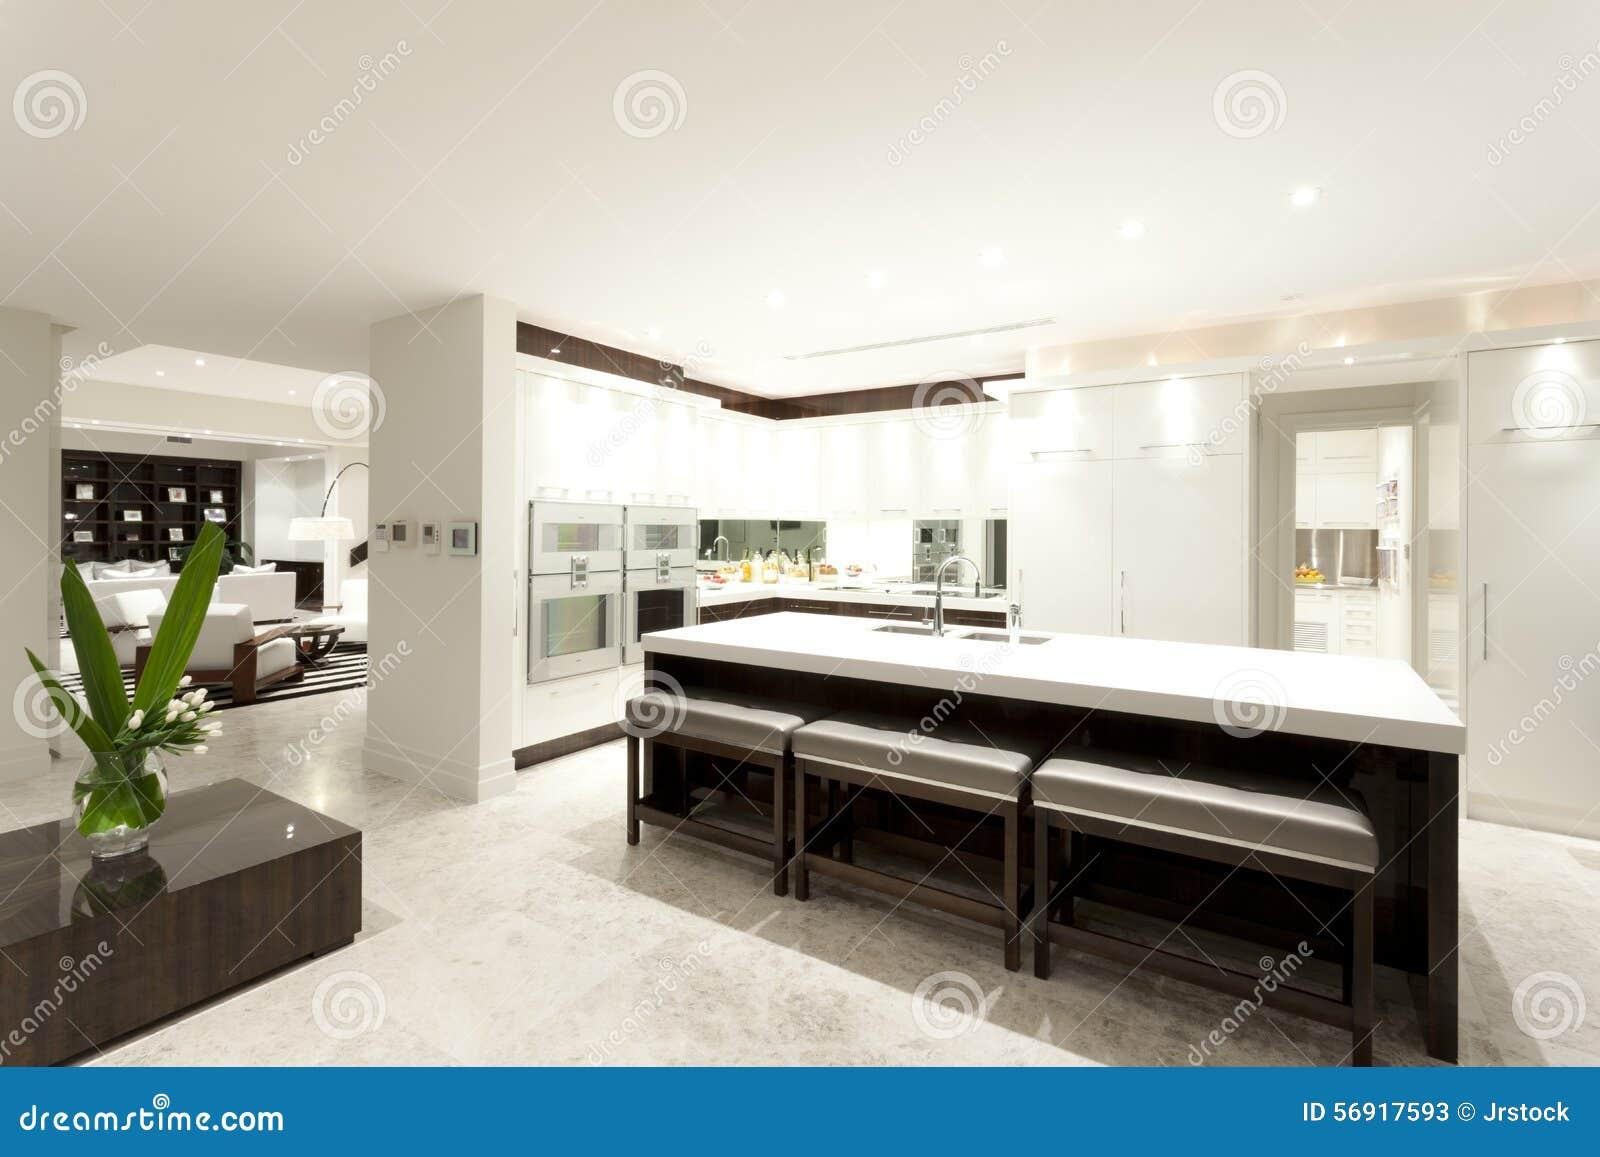 Moderne keuken met een groot eiland stock foto afbeelding 56917593 - Keuken foto met eiland ...